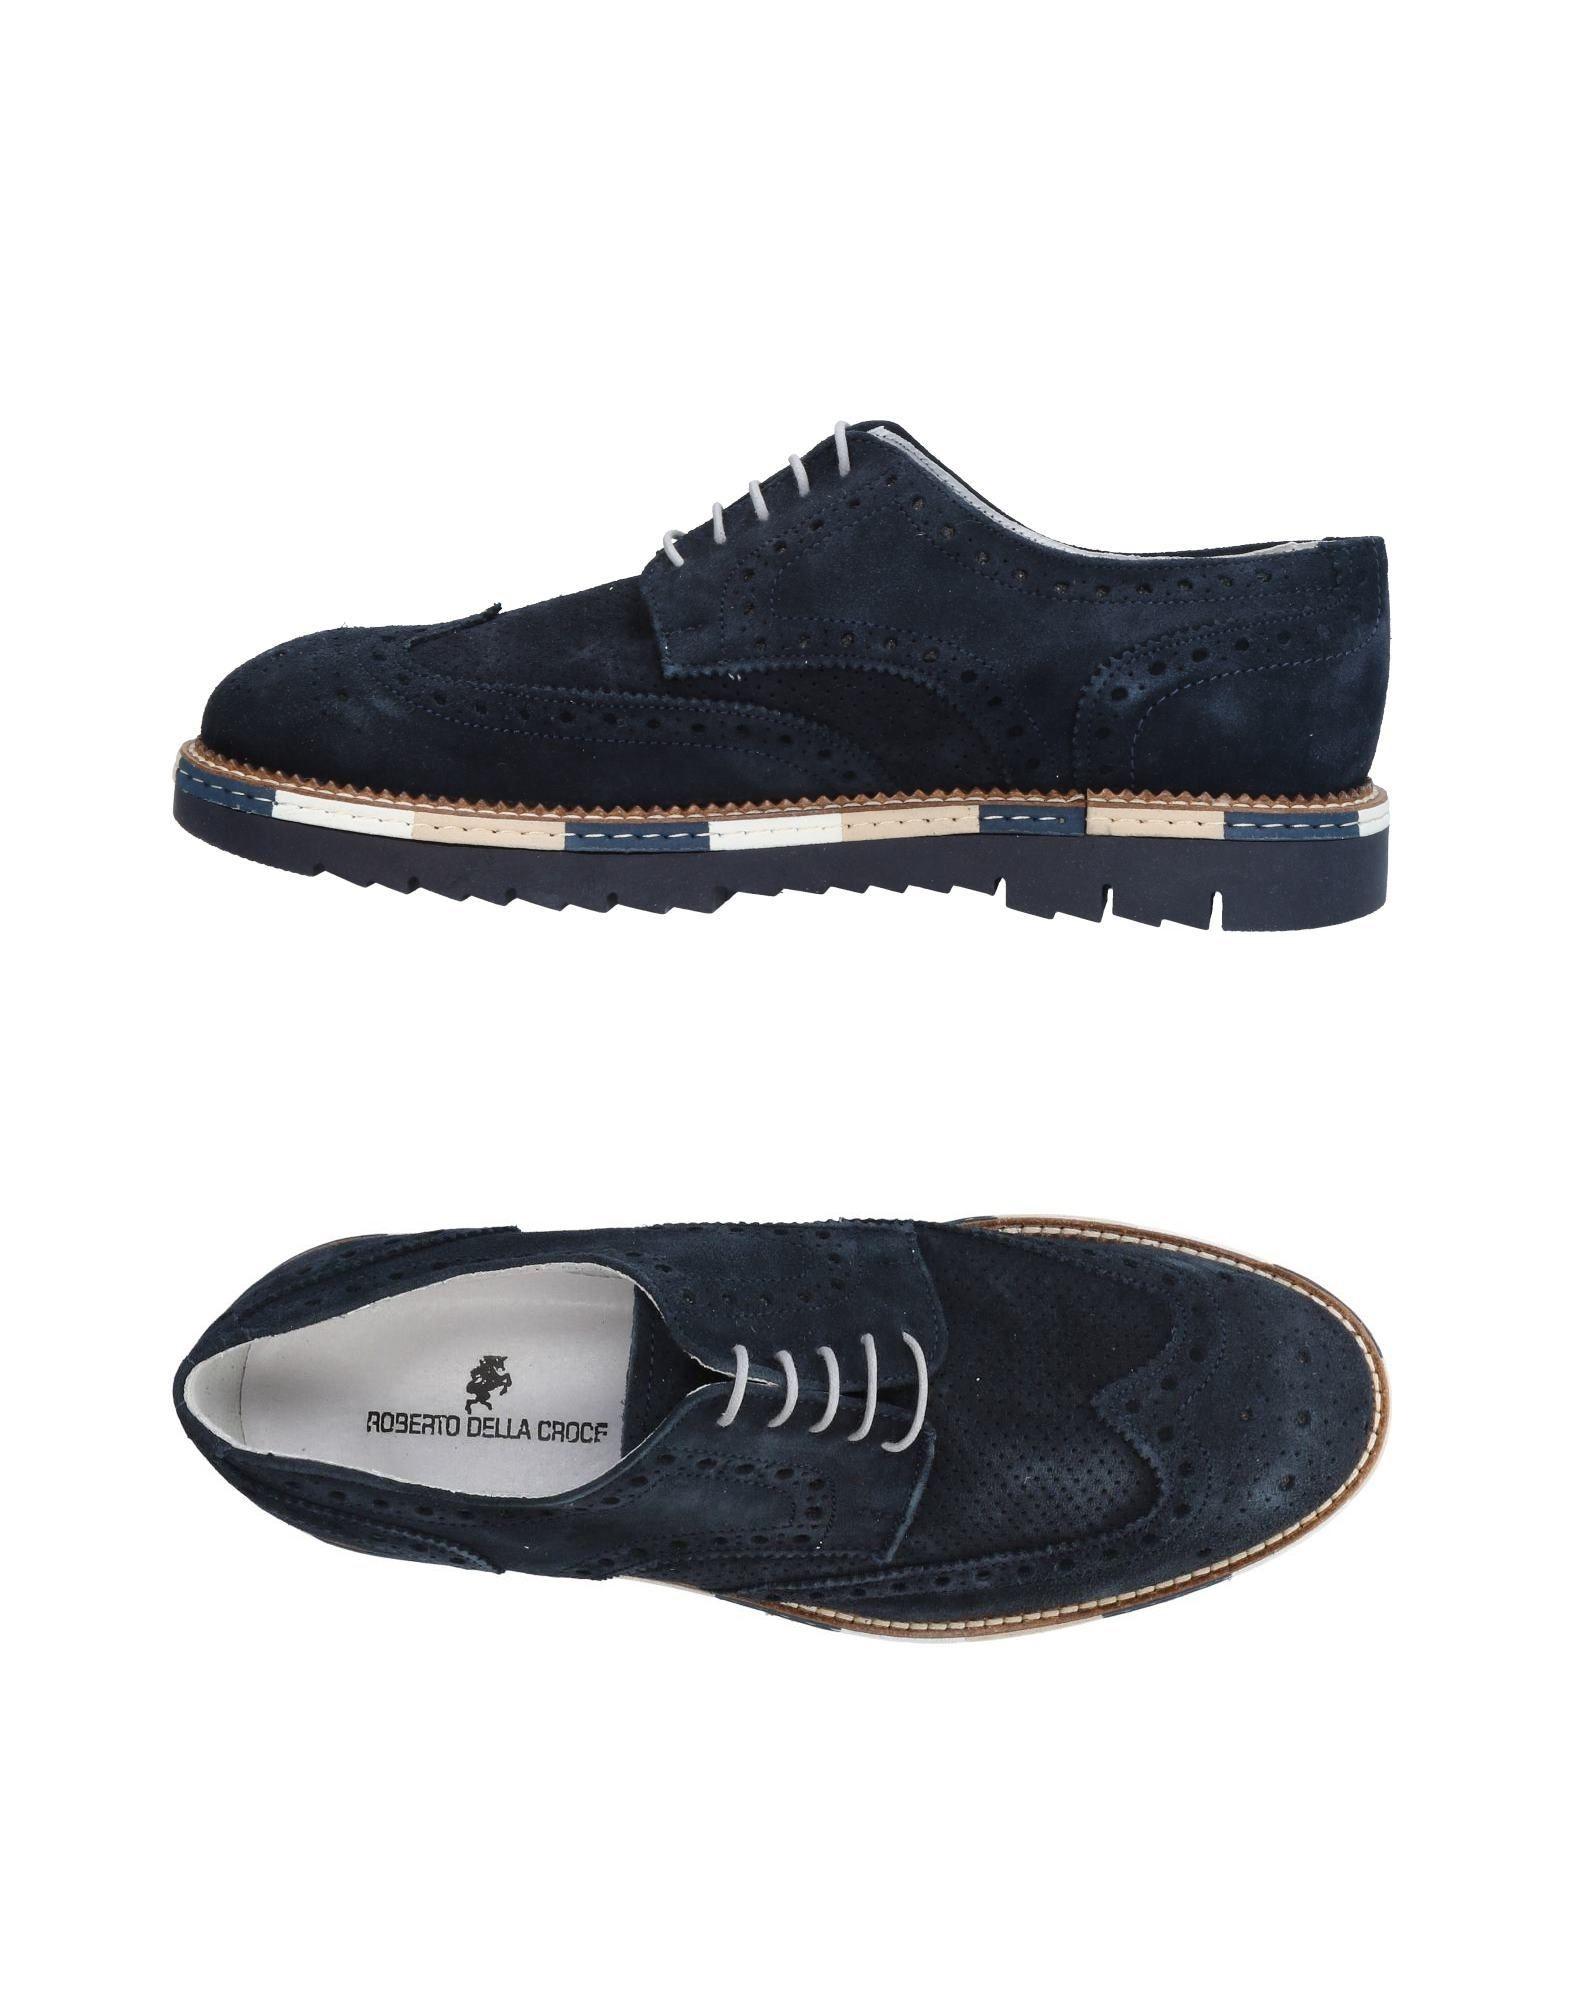 Rabatt echte Schuhe Roberto Della Croce Schnürschuhe Herren  11435021OK